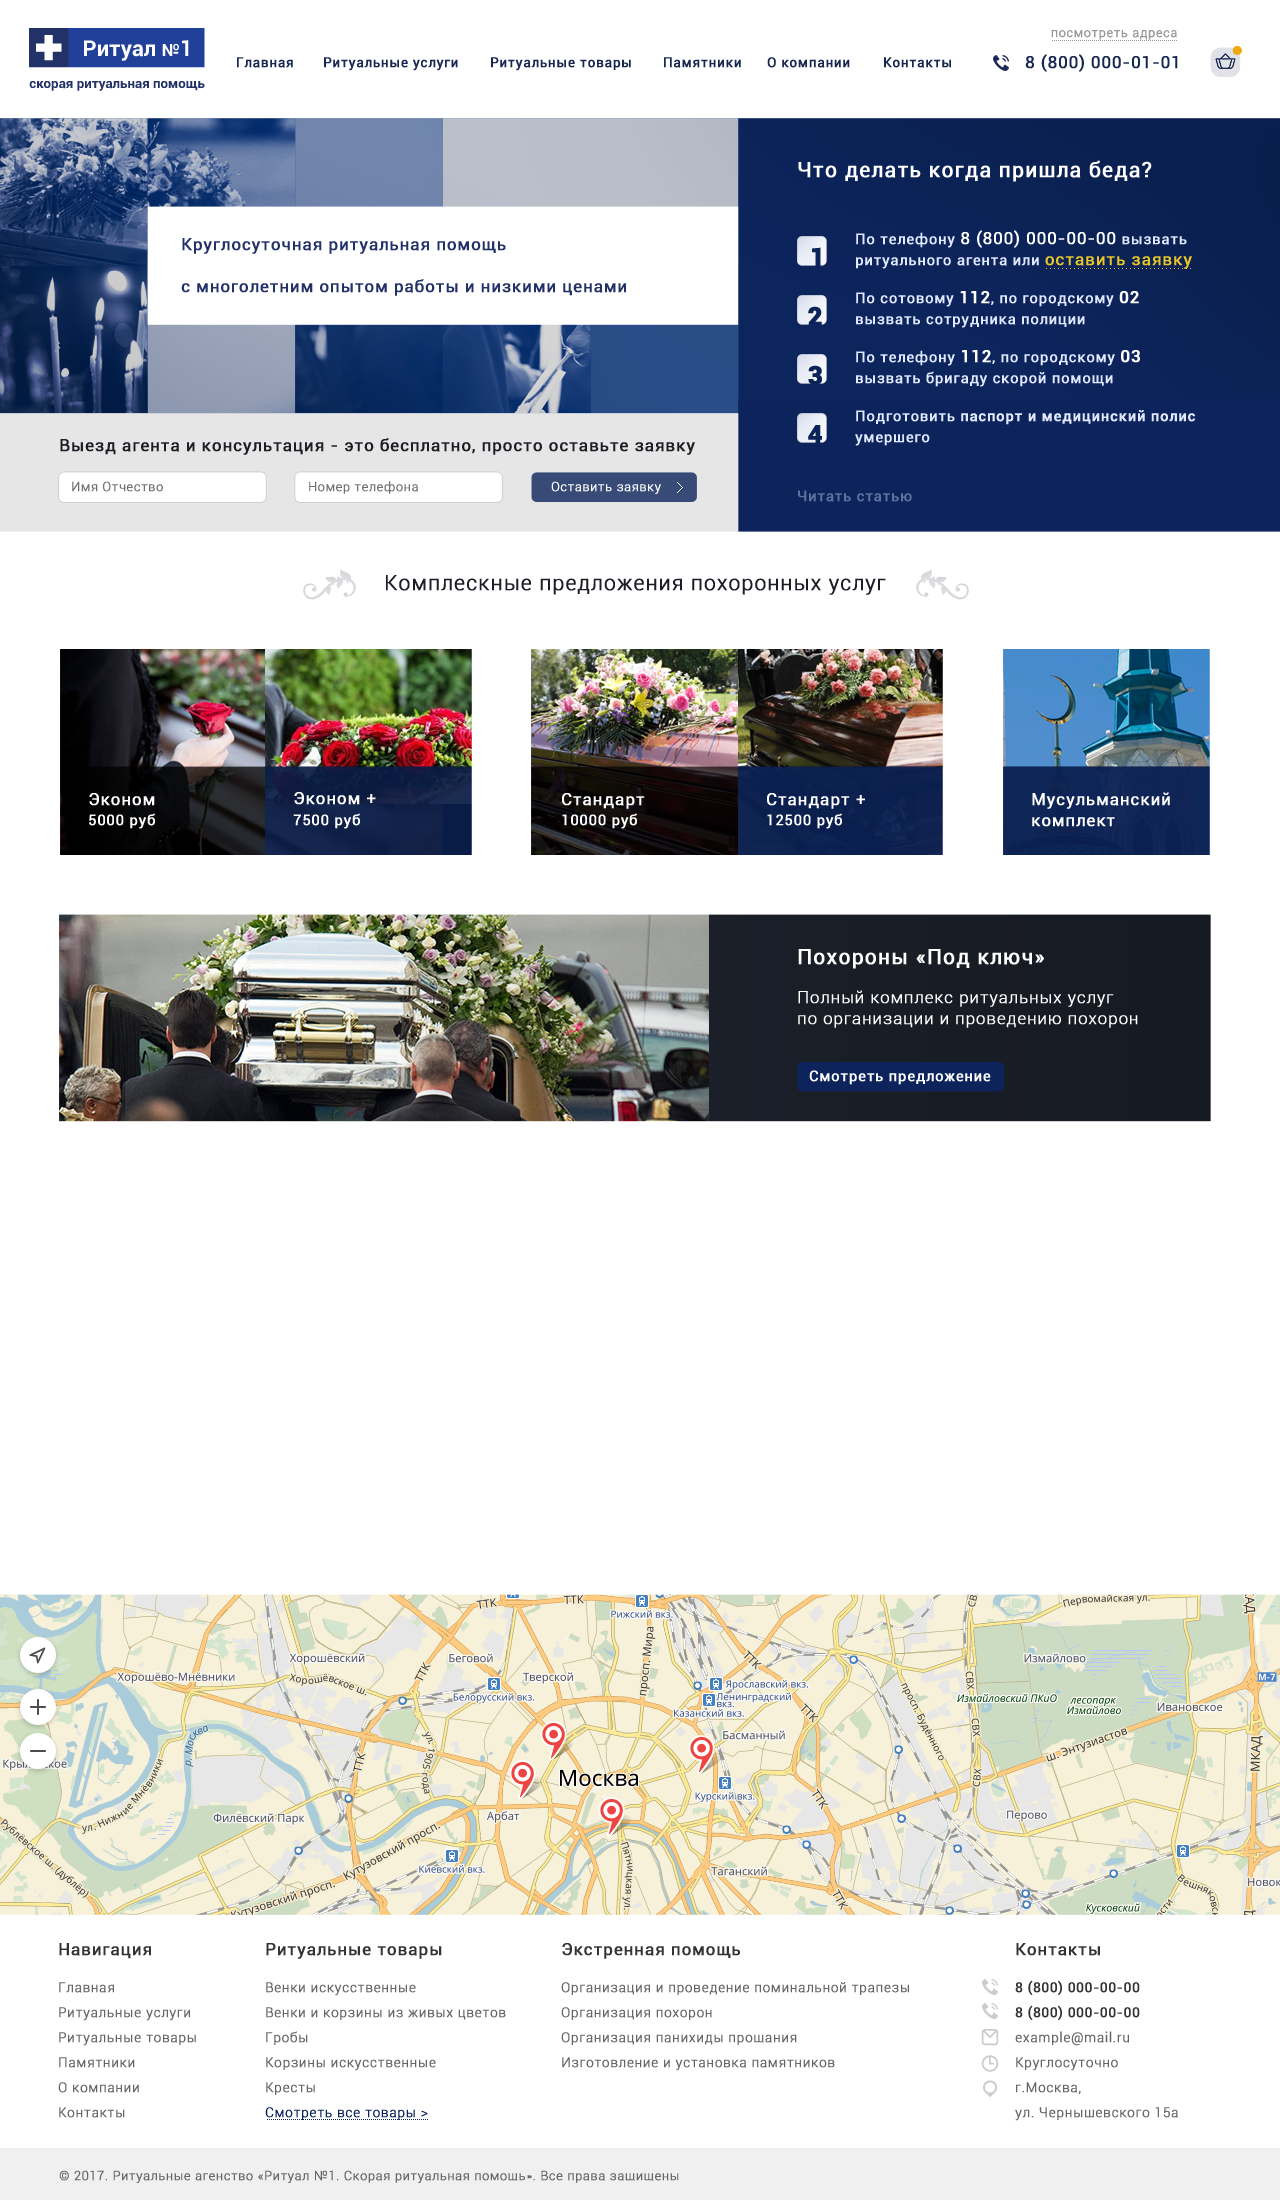 Нарисовать 2 дизайна сайтов направления ритуальных услуг  фото f_259596e434eb1843.png